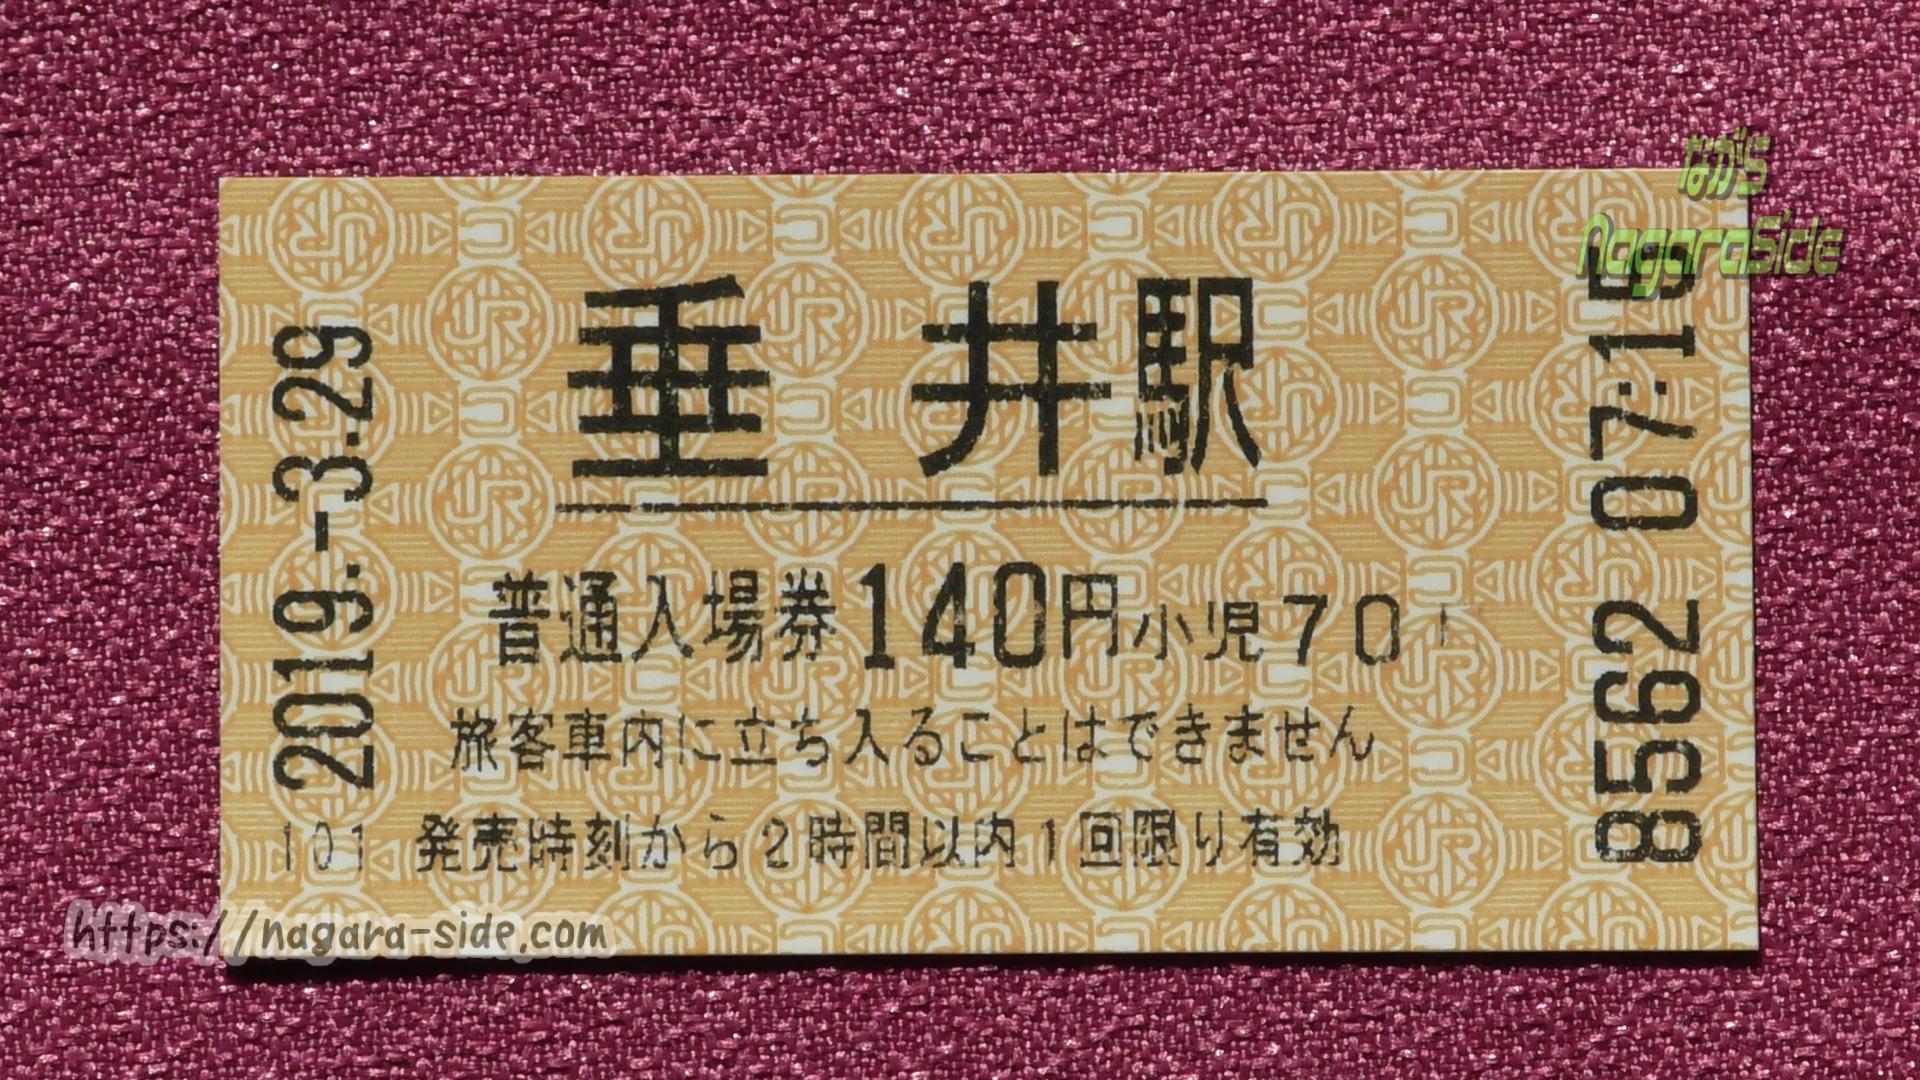 垂井駅入場券